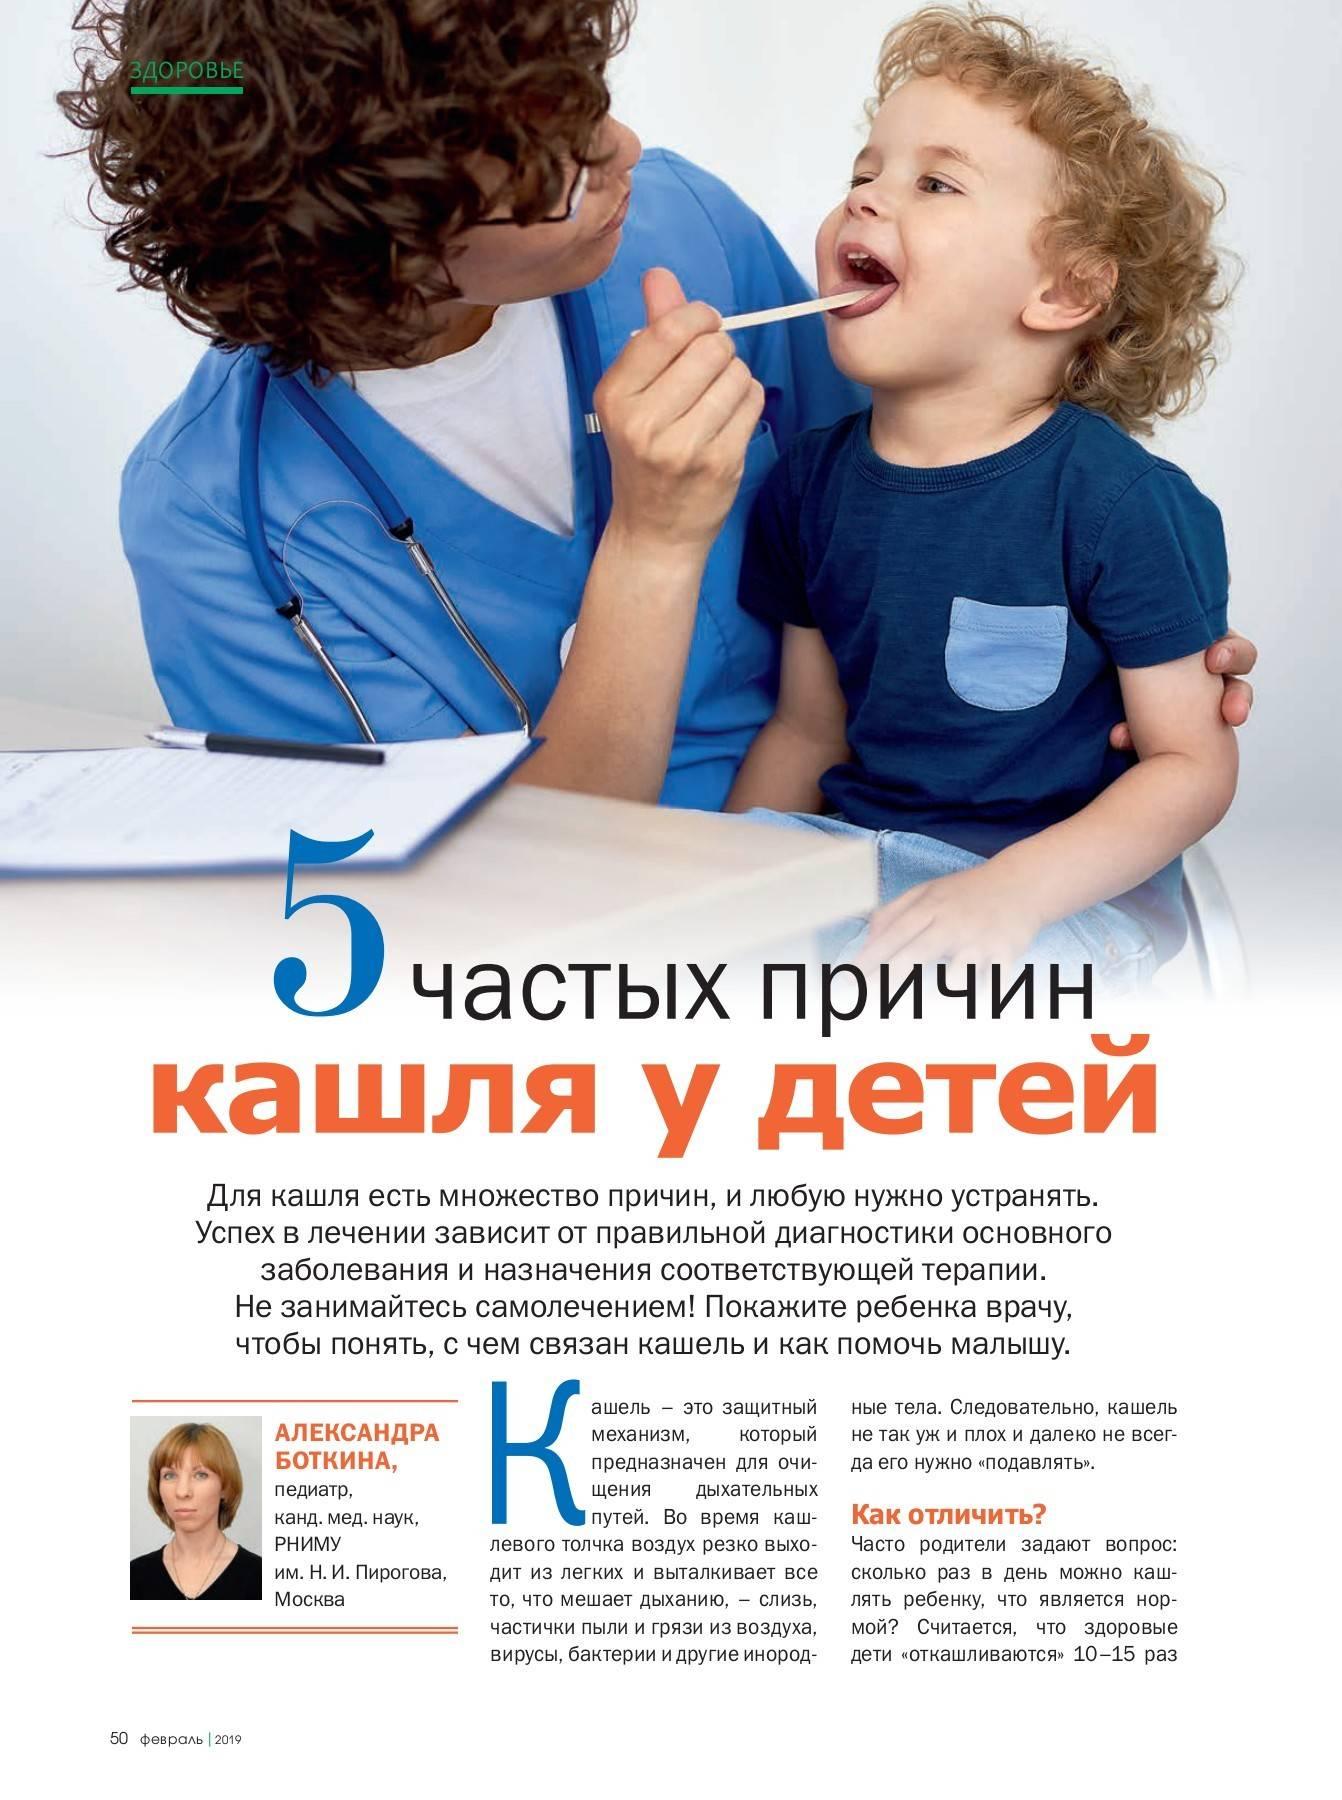 Восстановление после пневмонии у взрослых и детей в домашних условиях